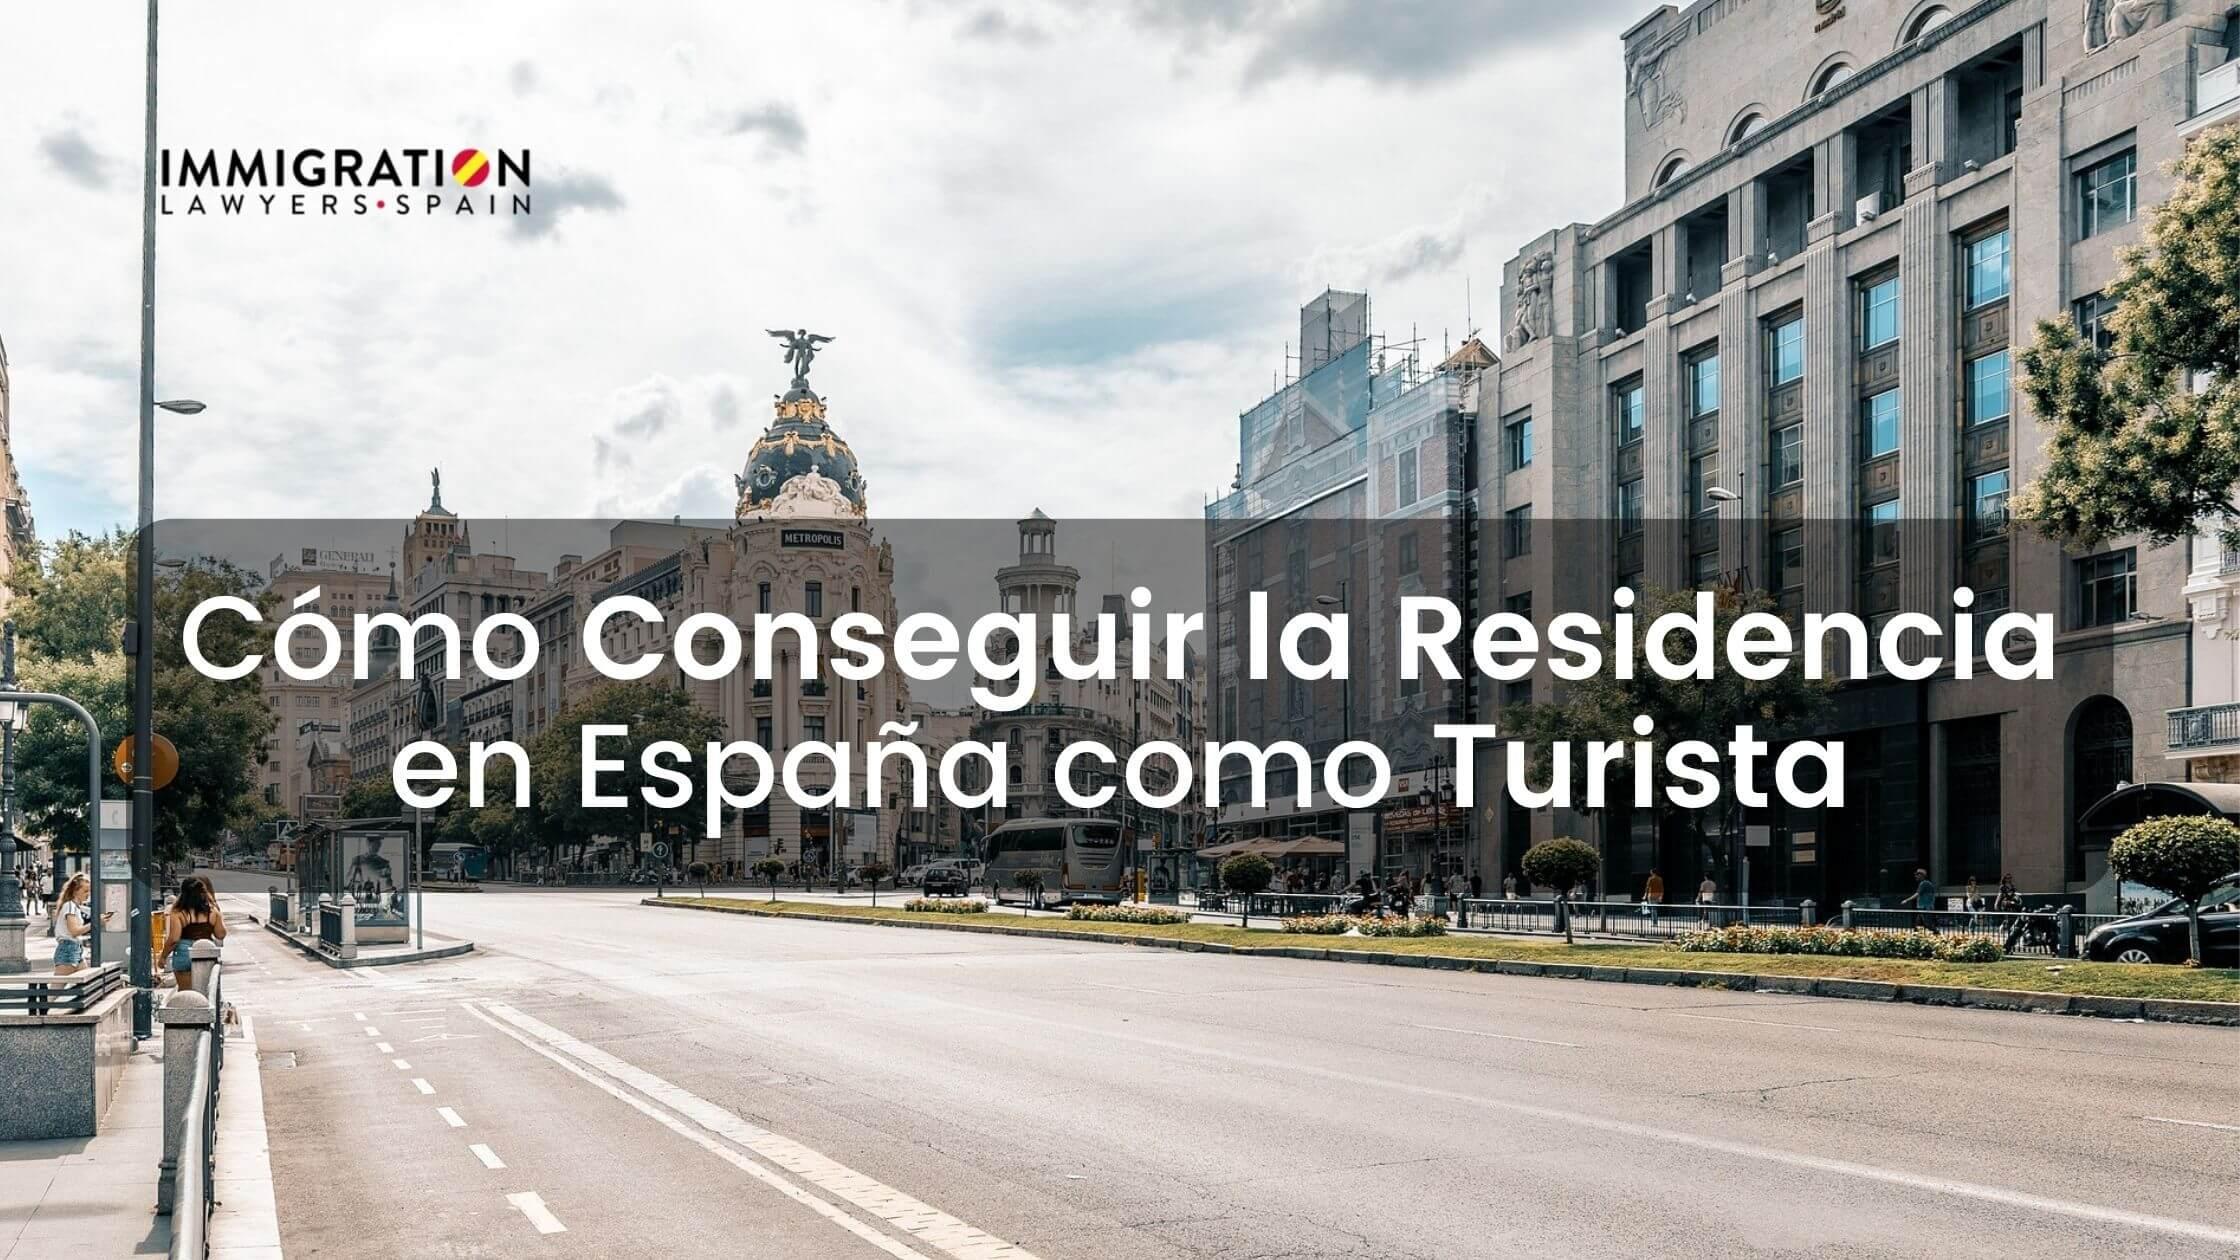 entrar a España como turista y conseguir residencia